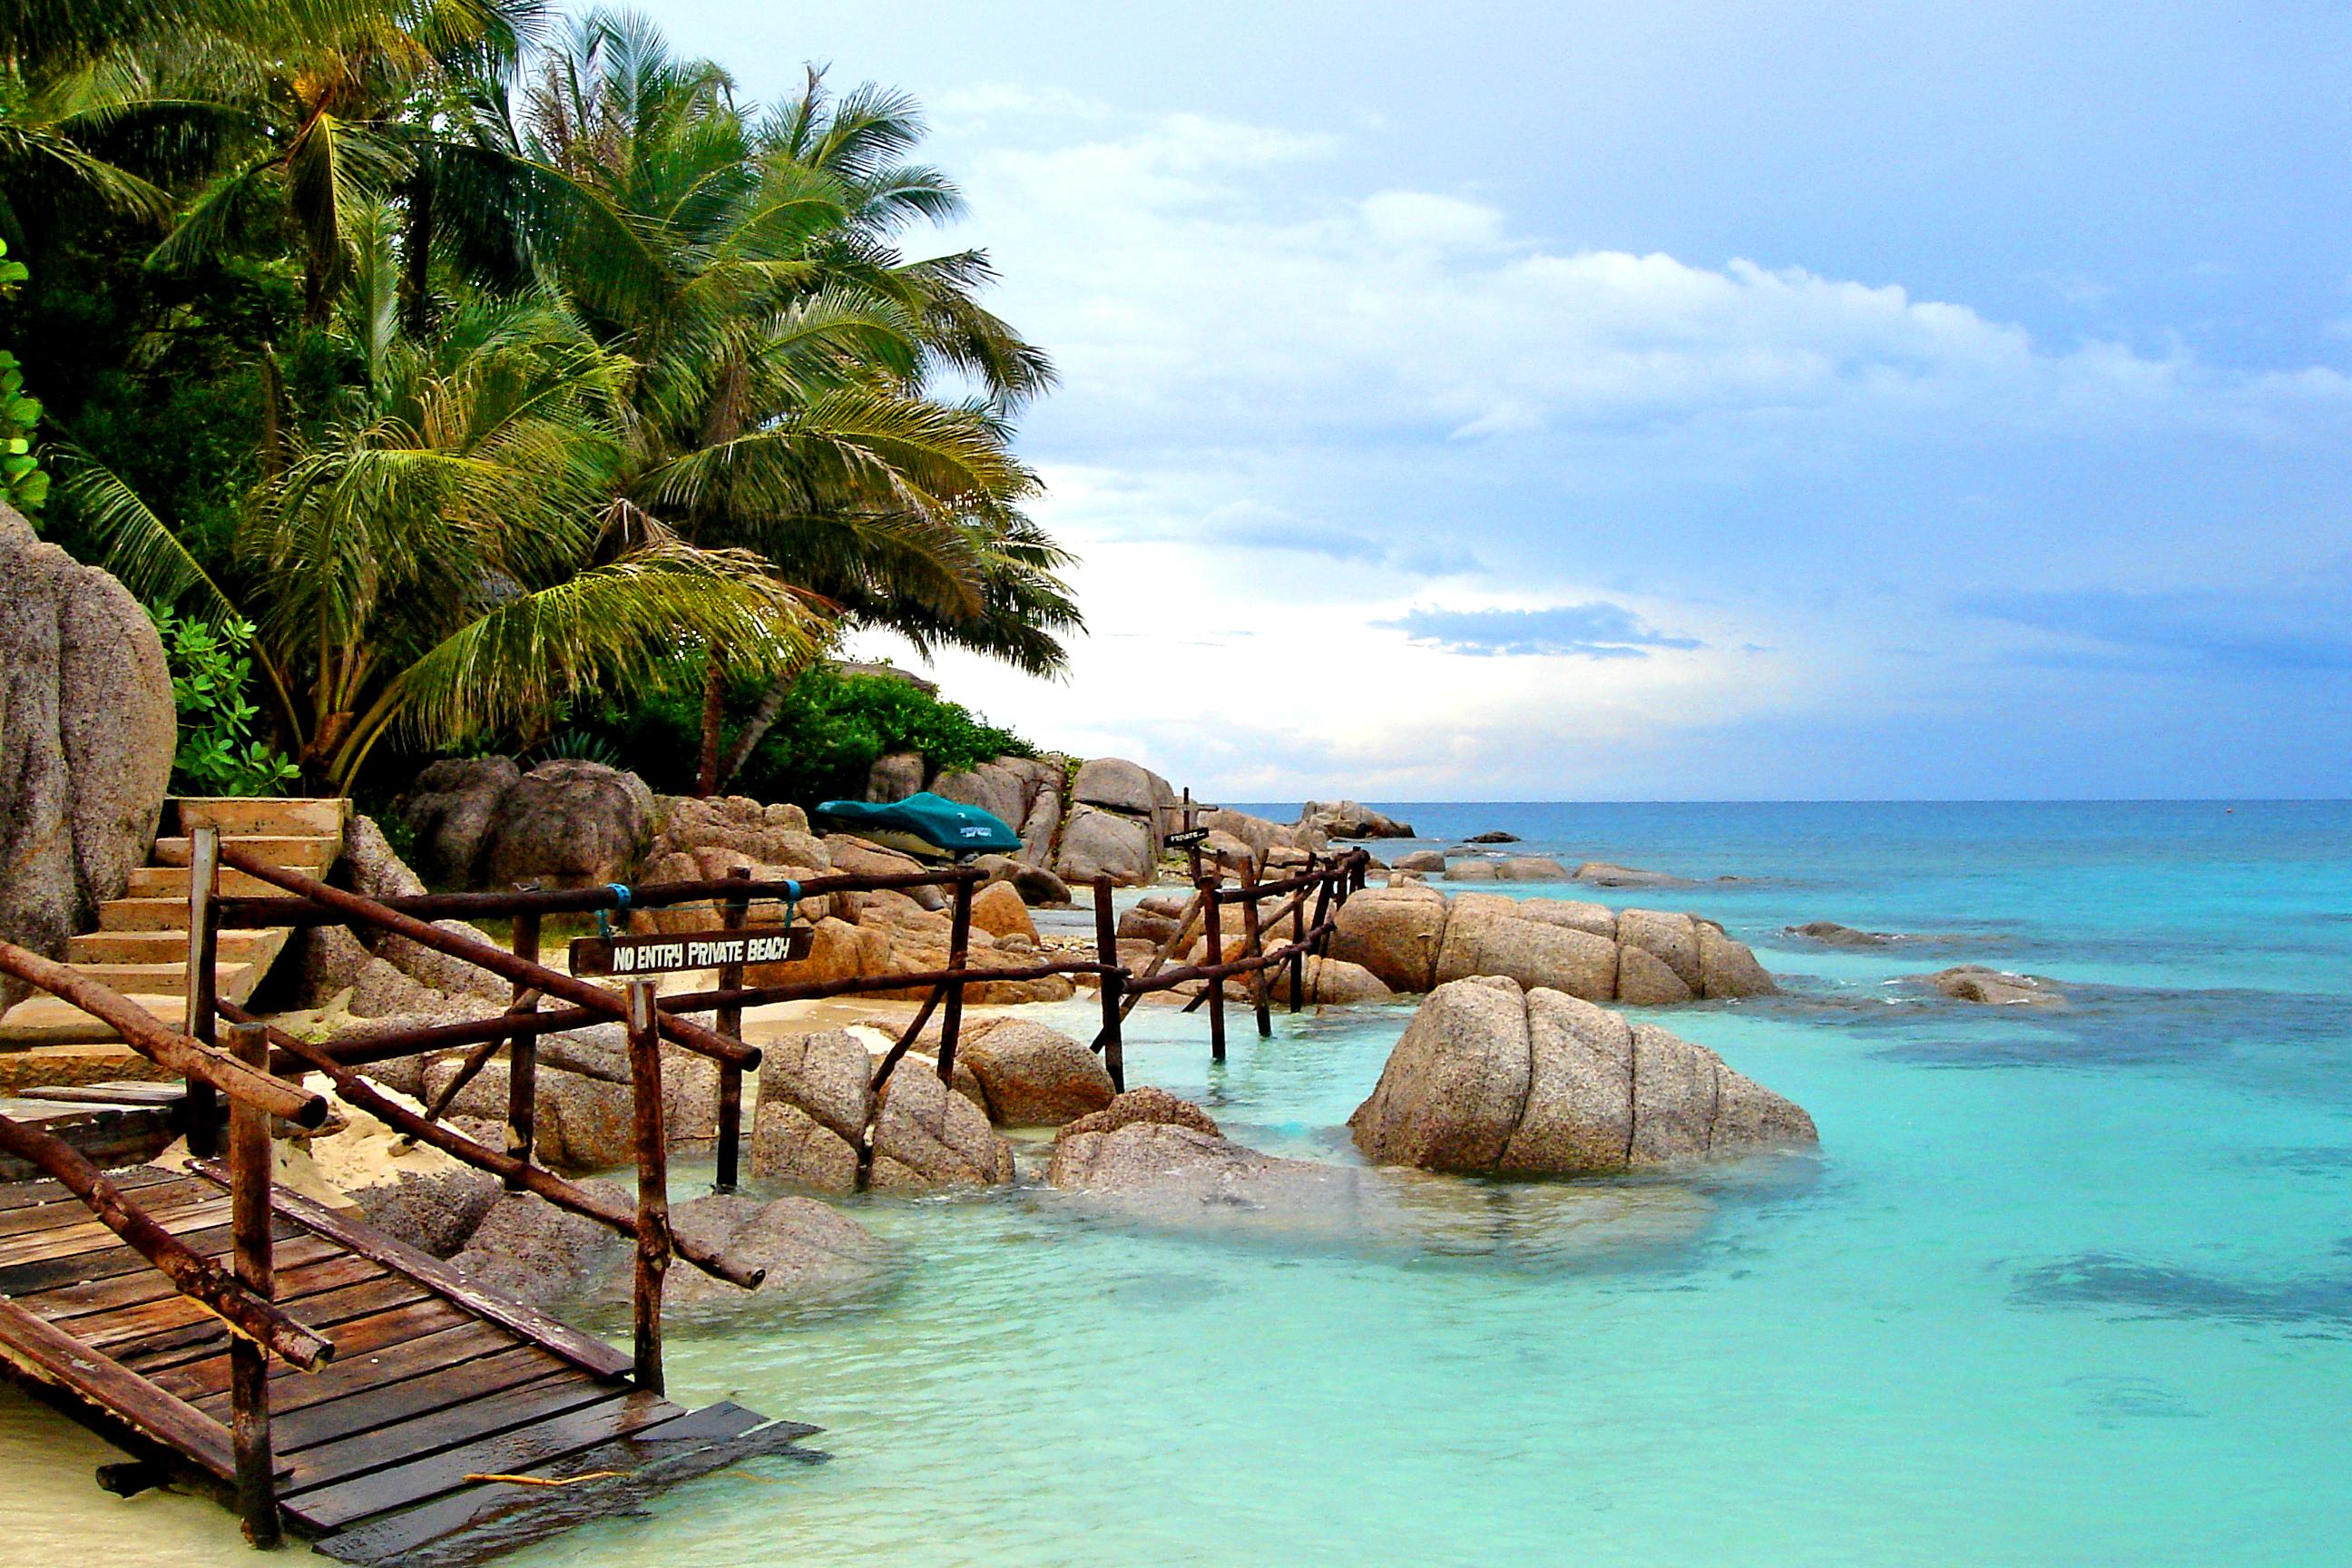 افضل جزر تايلاند لمحبي الاستجمام (8)